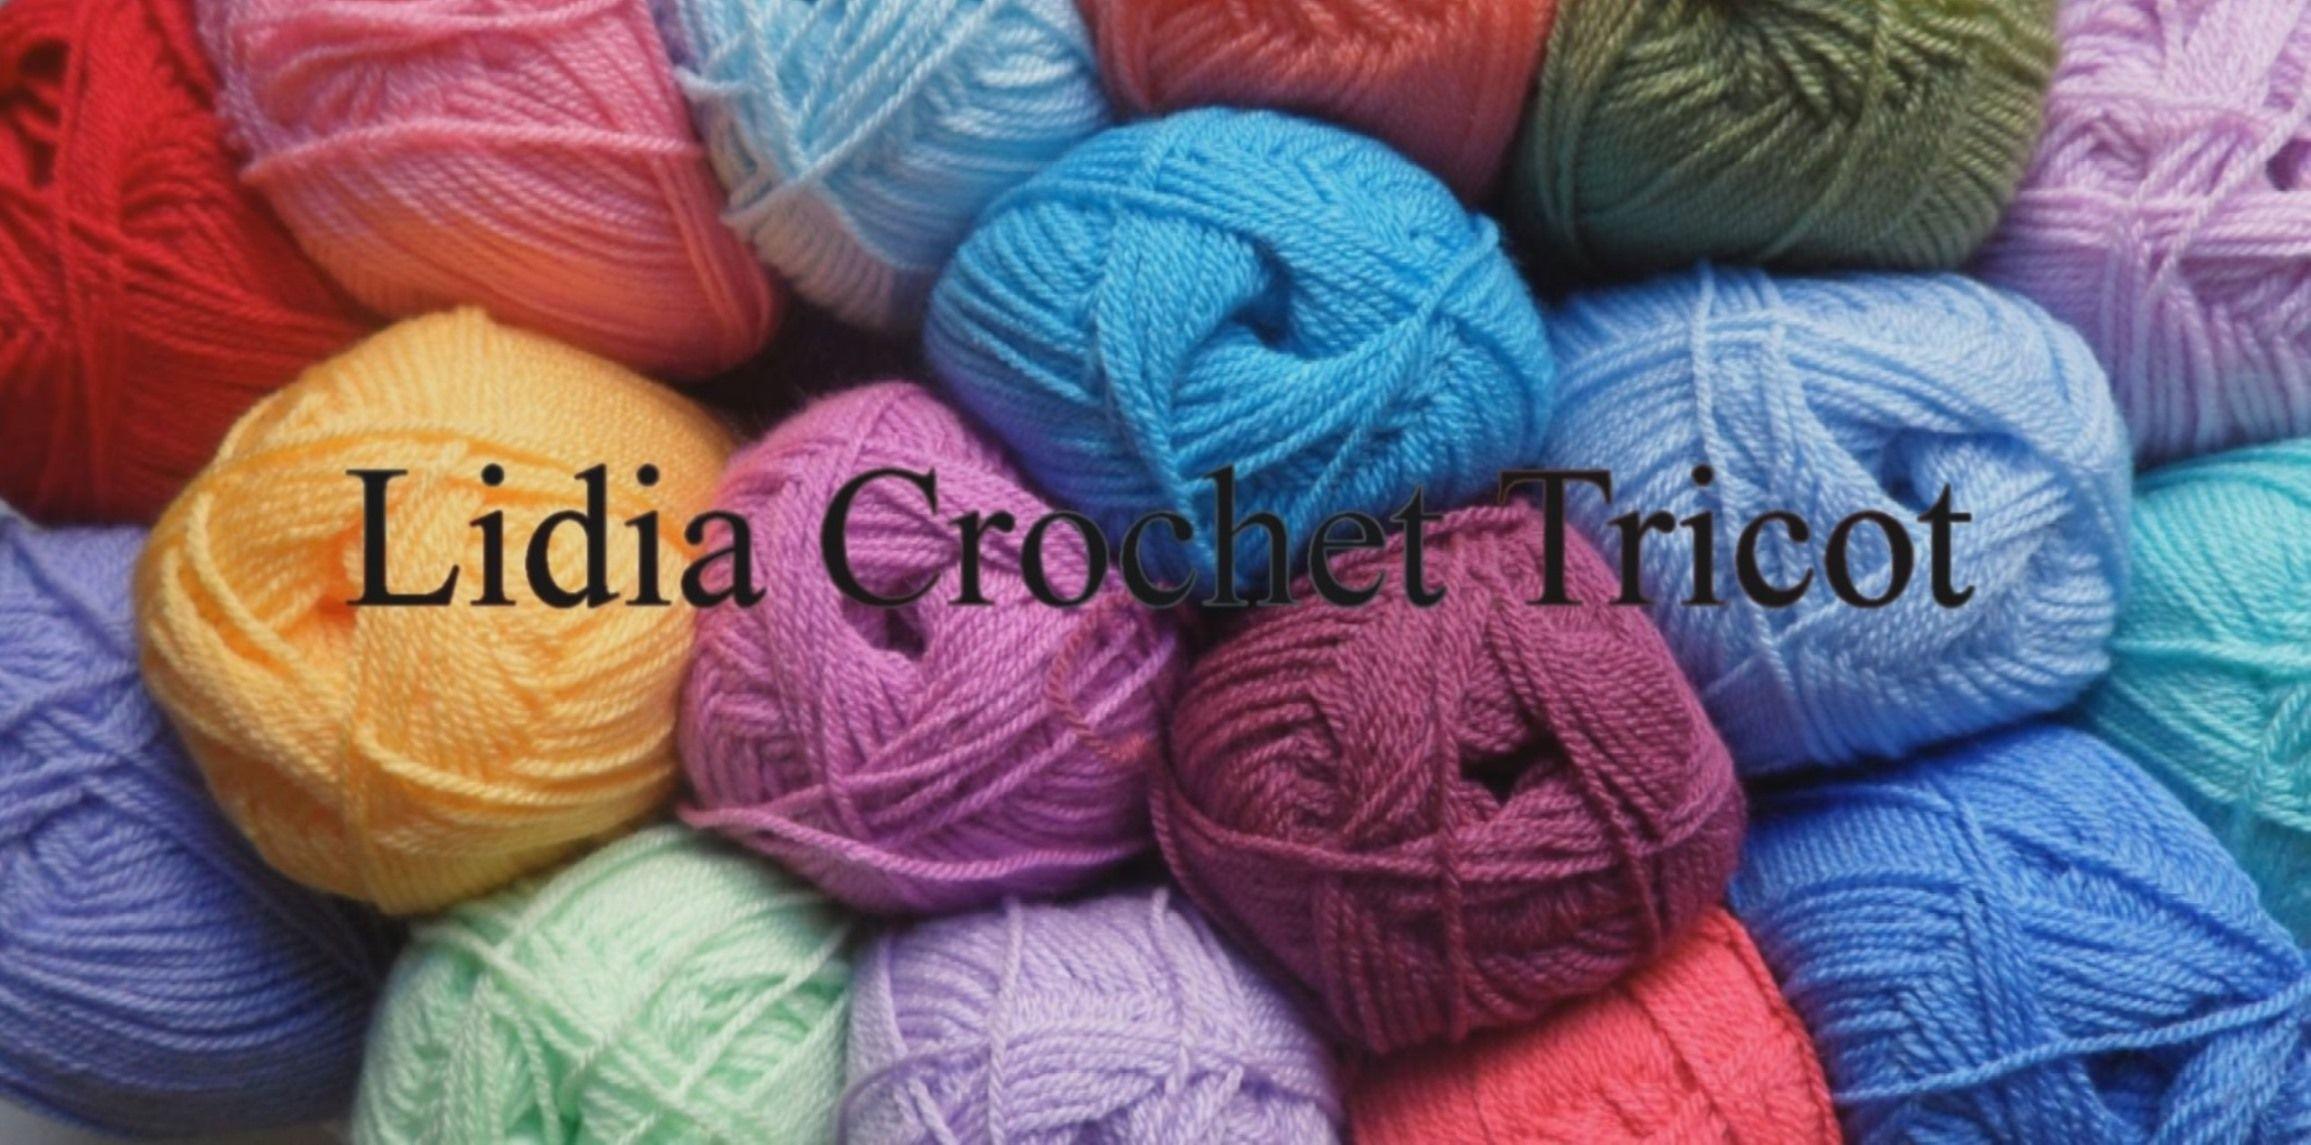 Lidia Crochet Tricot est un site ou vous trouverez des ...